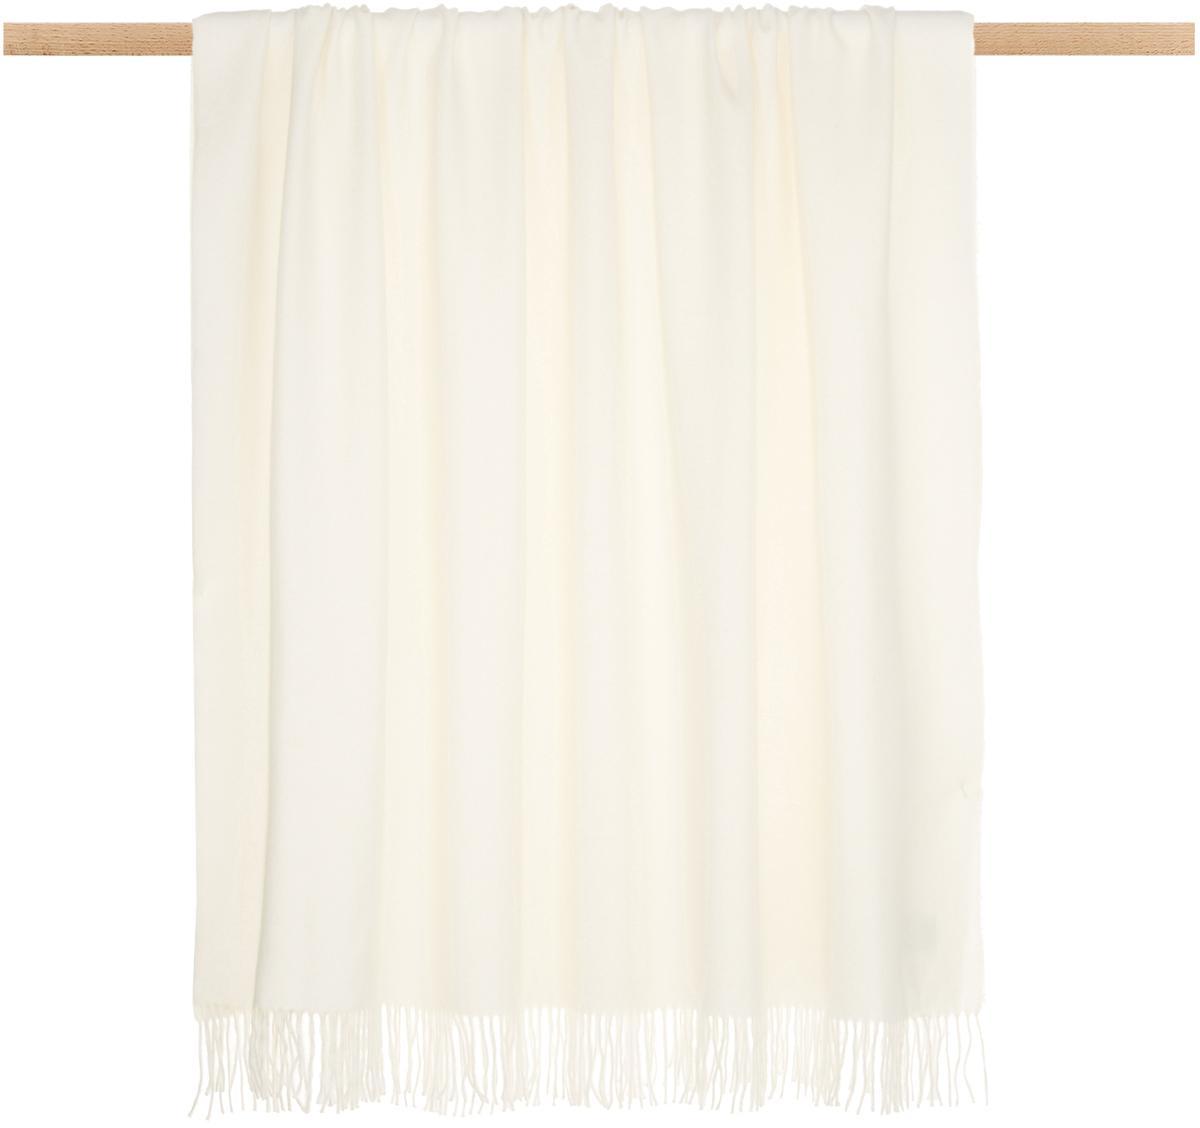 Babyalpaka-Plaid Luxury, Beige,Weiß, 130 x 200 cm